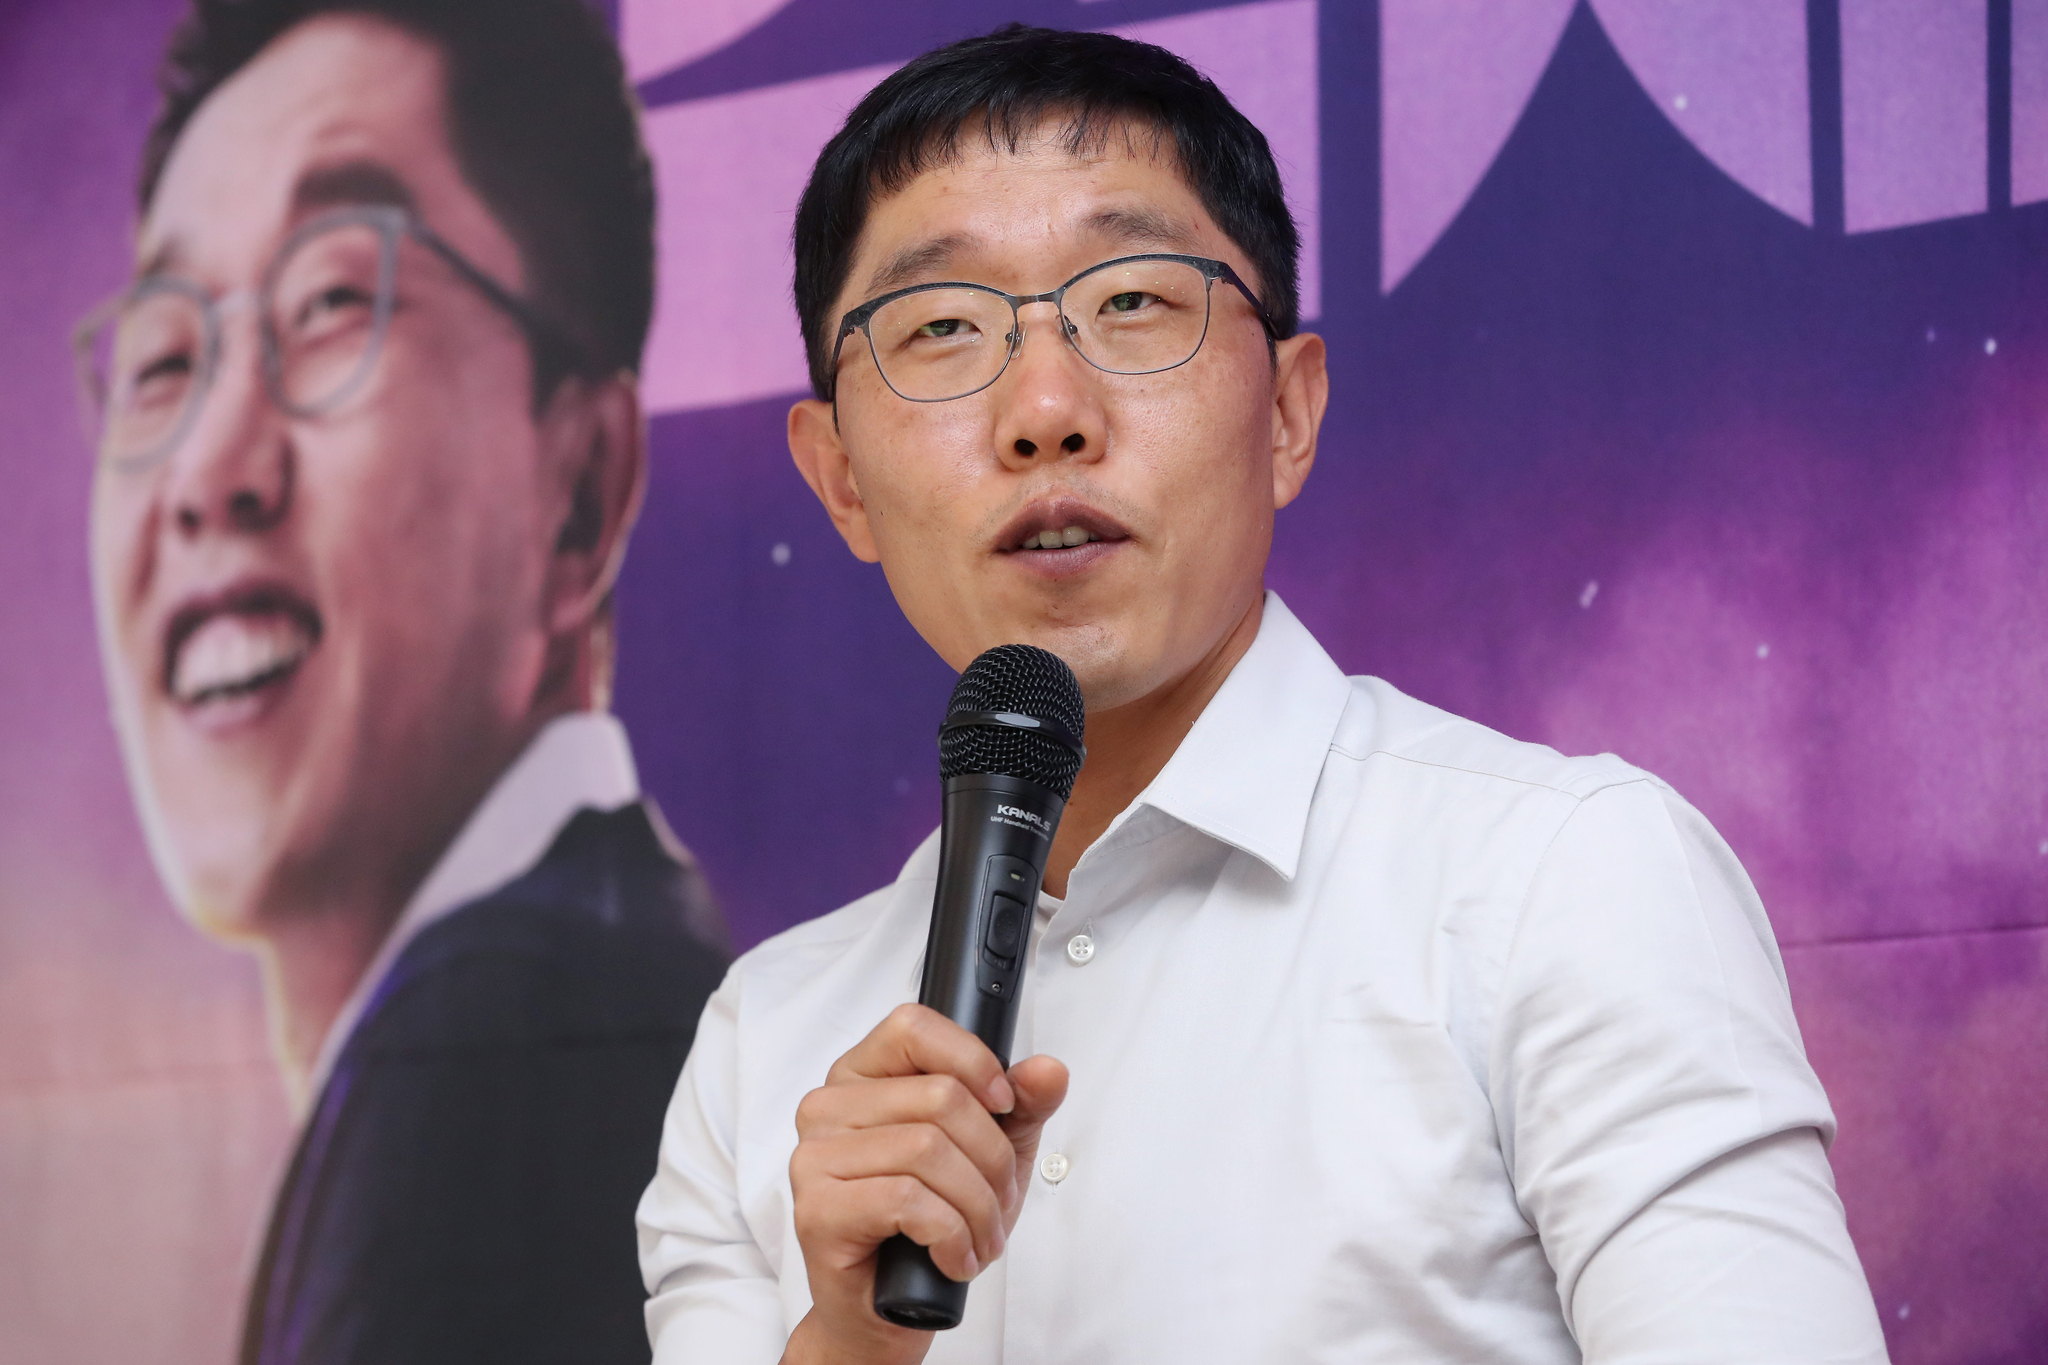 방송인 김제동. [연합뉴스]